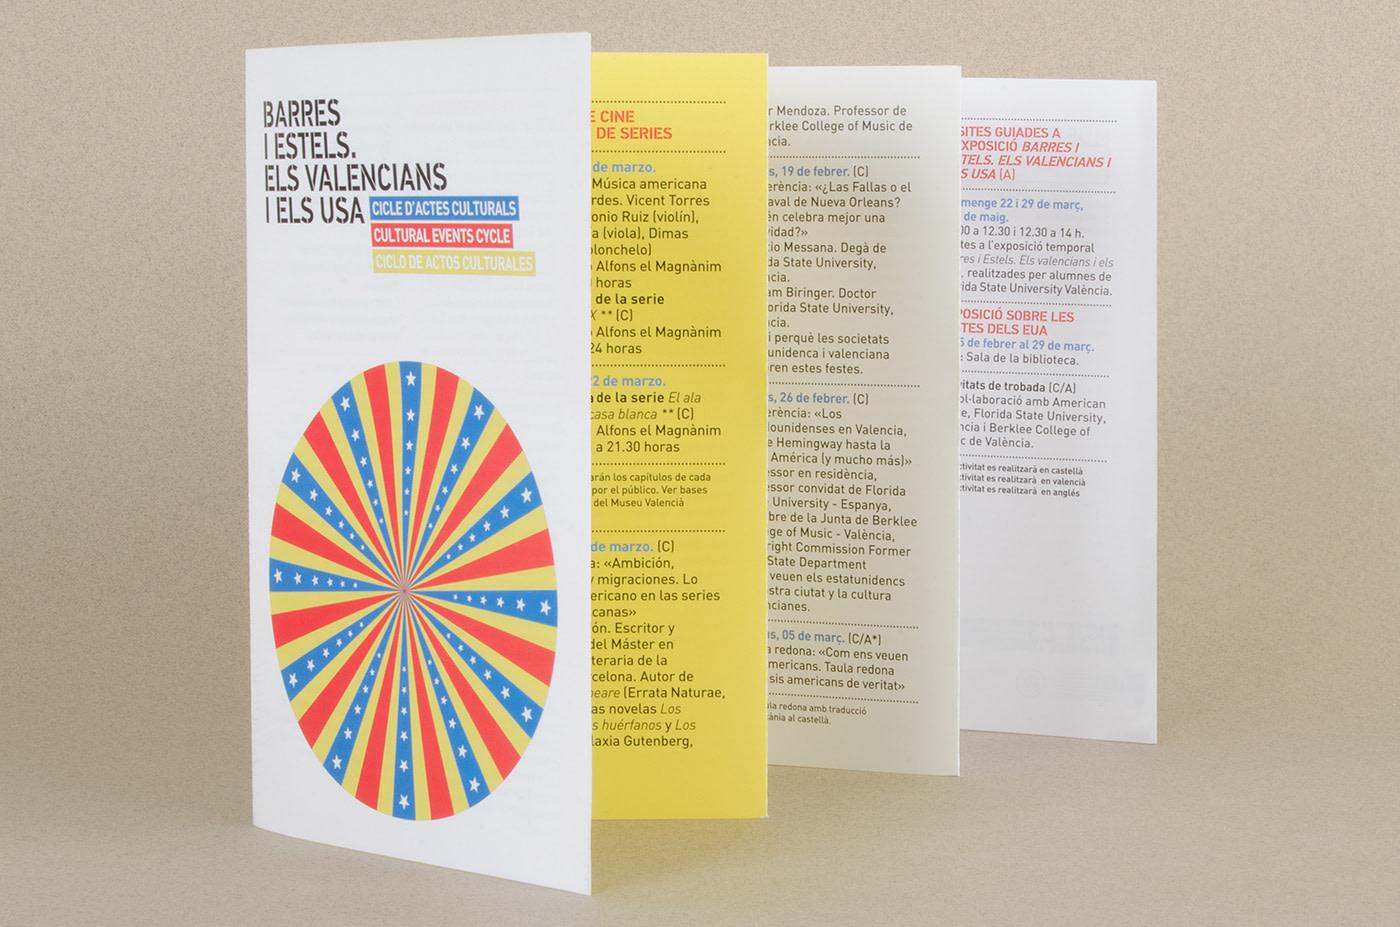 Barres i estels, els valenciams i els USA - Museu Etnografic Valencia